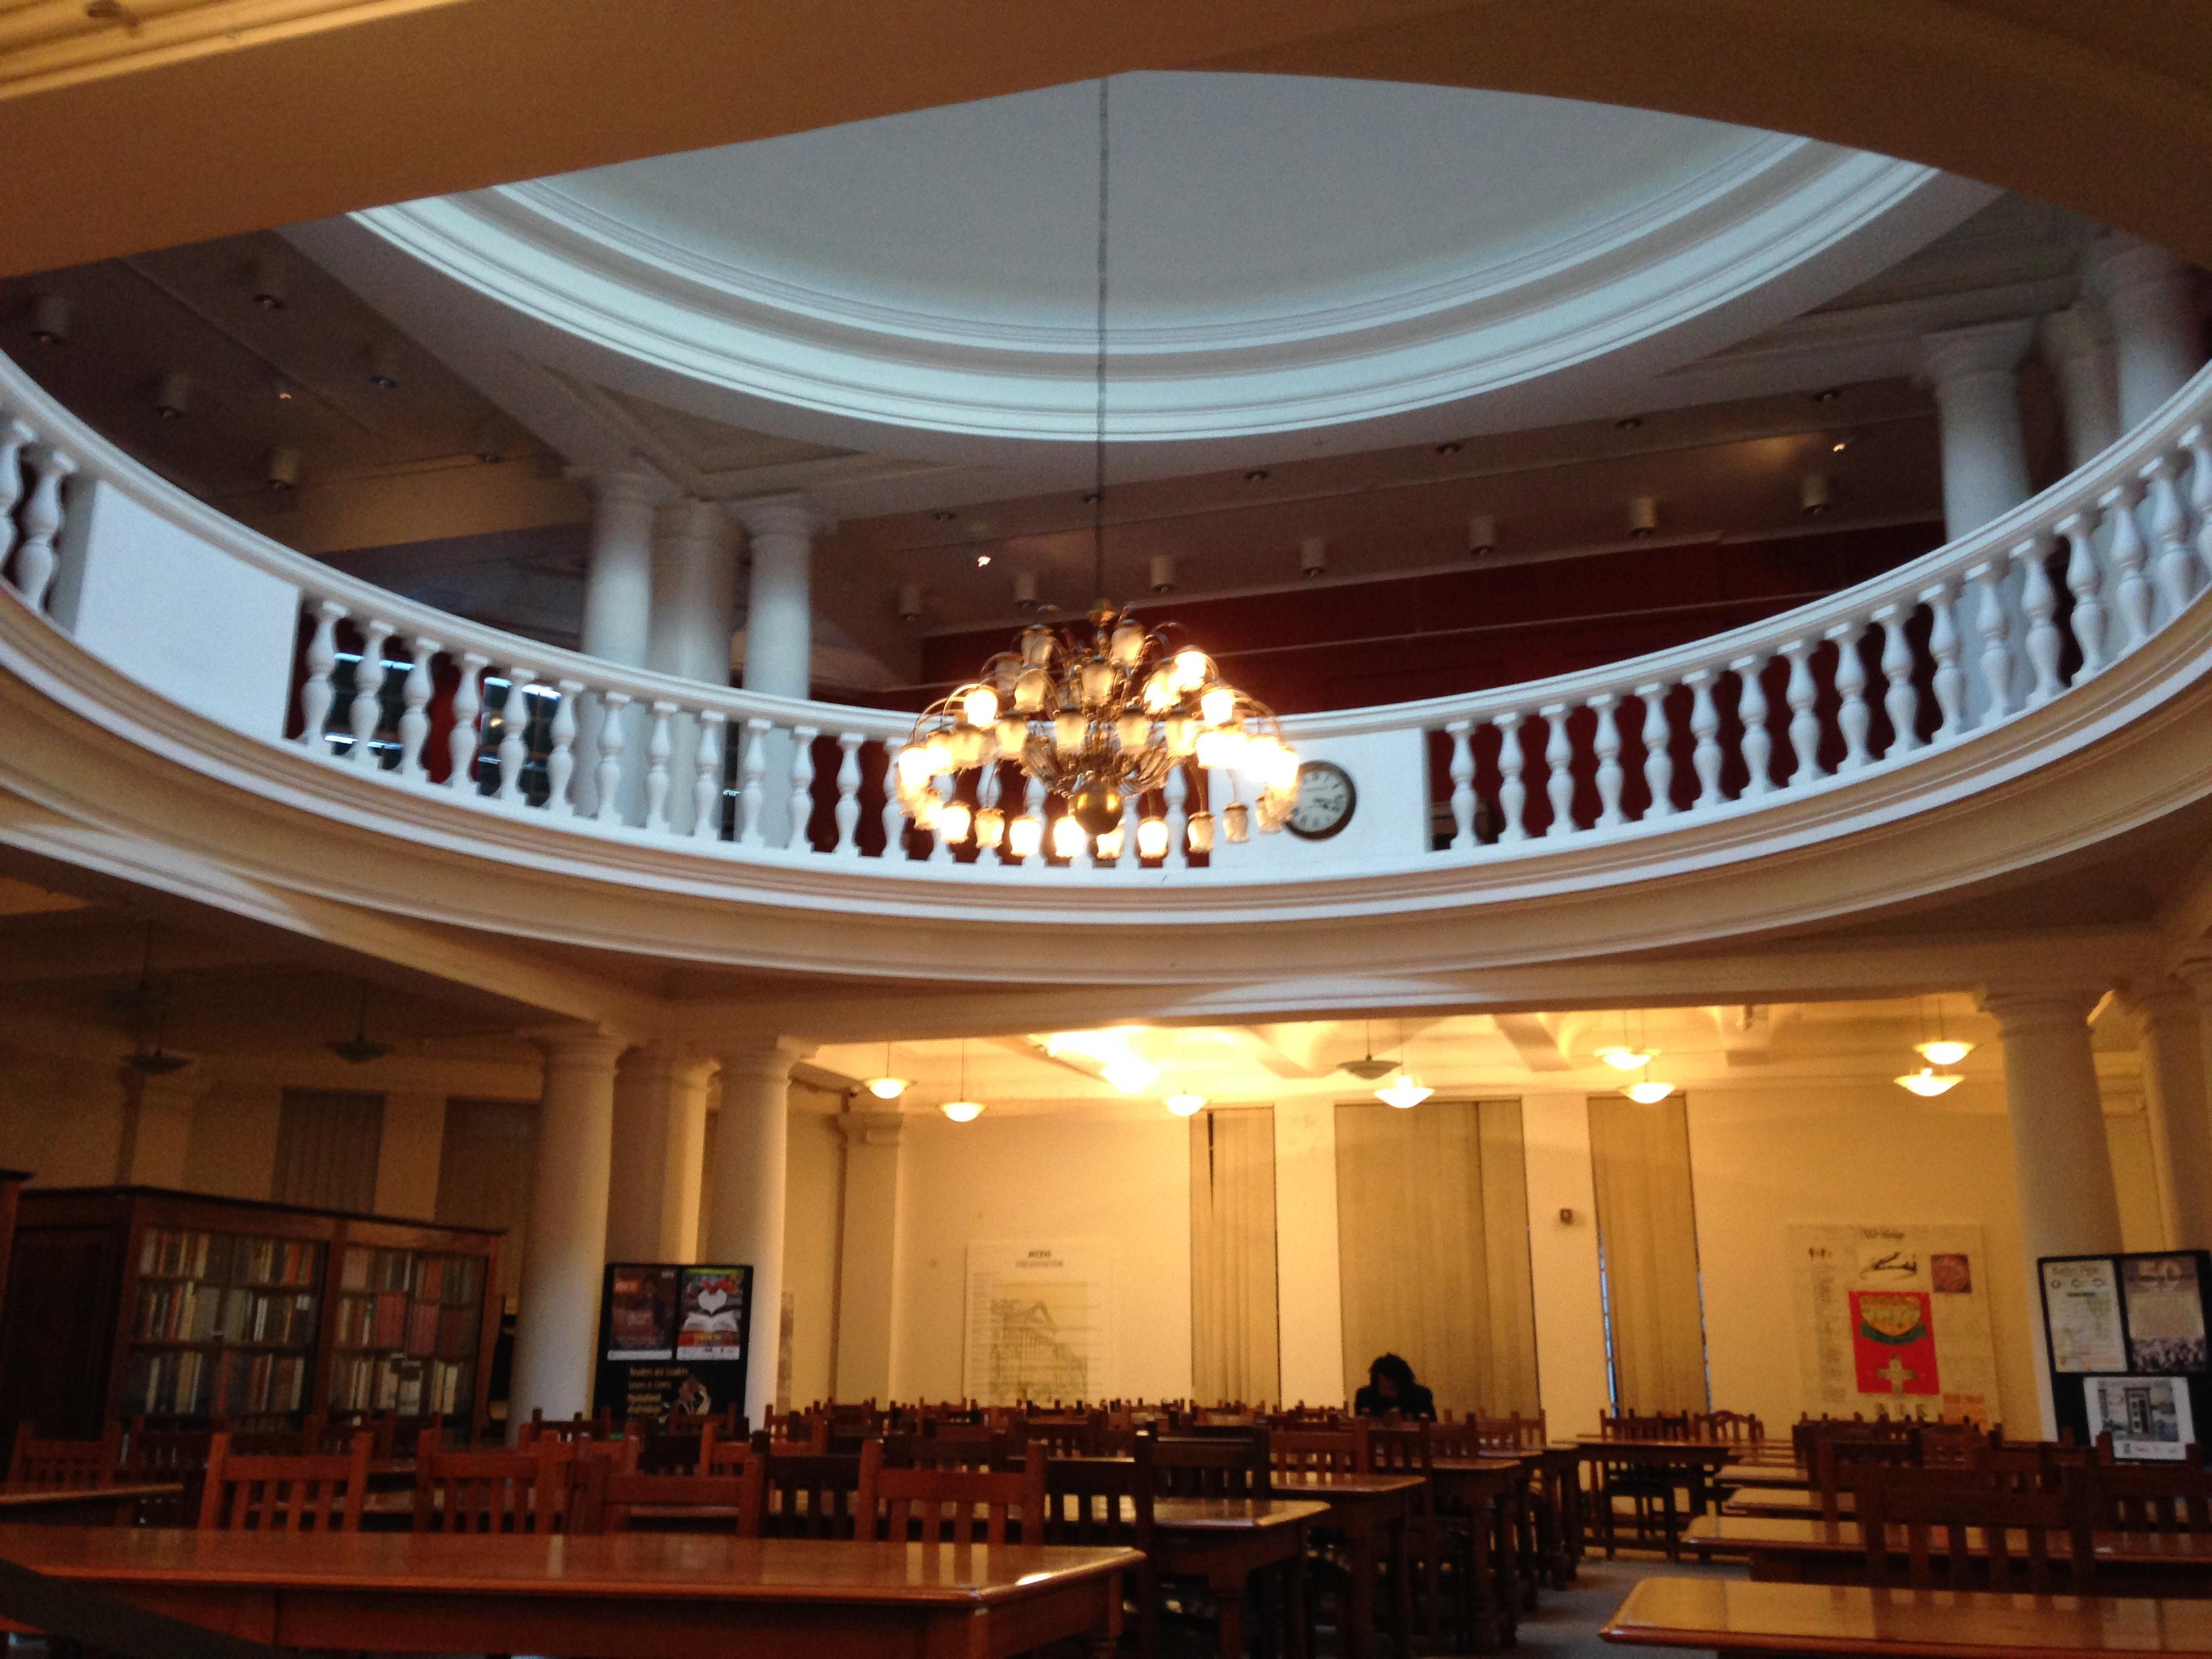 Αποτέλεσμα εικόνας για national library of south africa